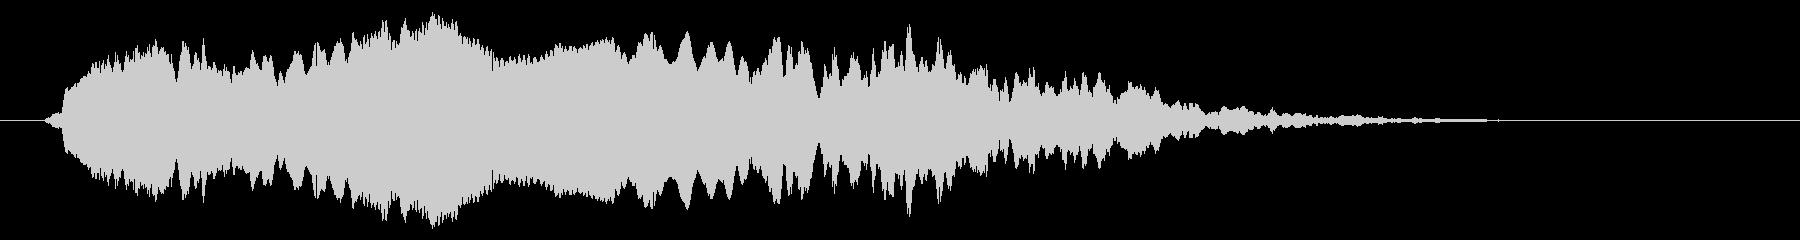 フクロウのひよこ:シングルコールの未再生の波形